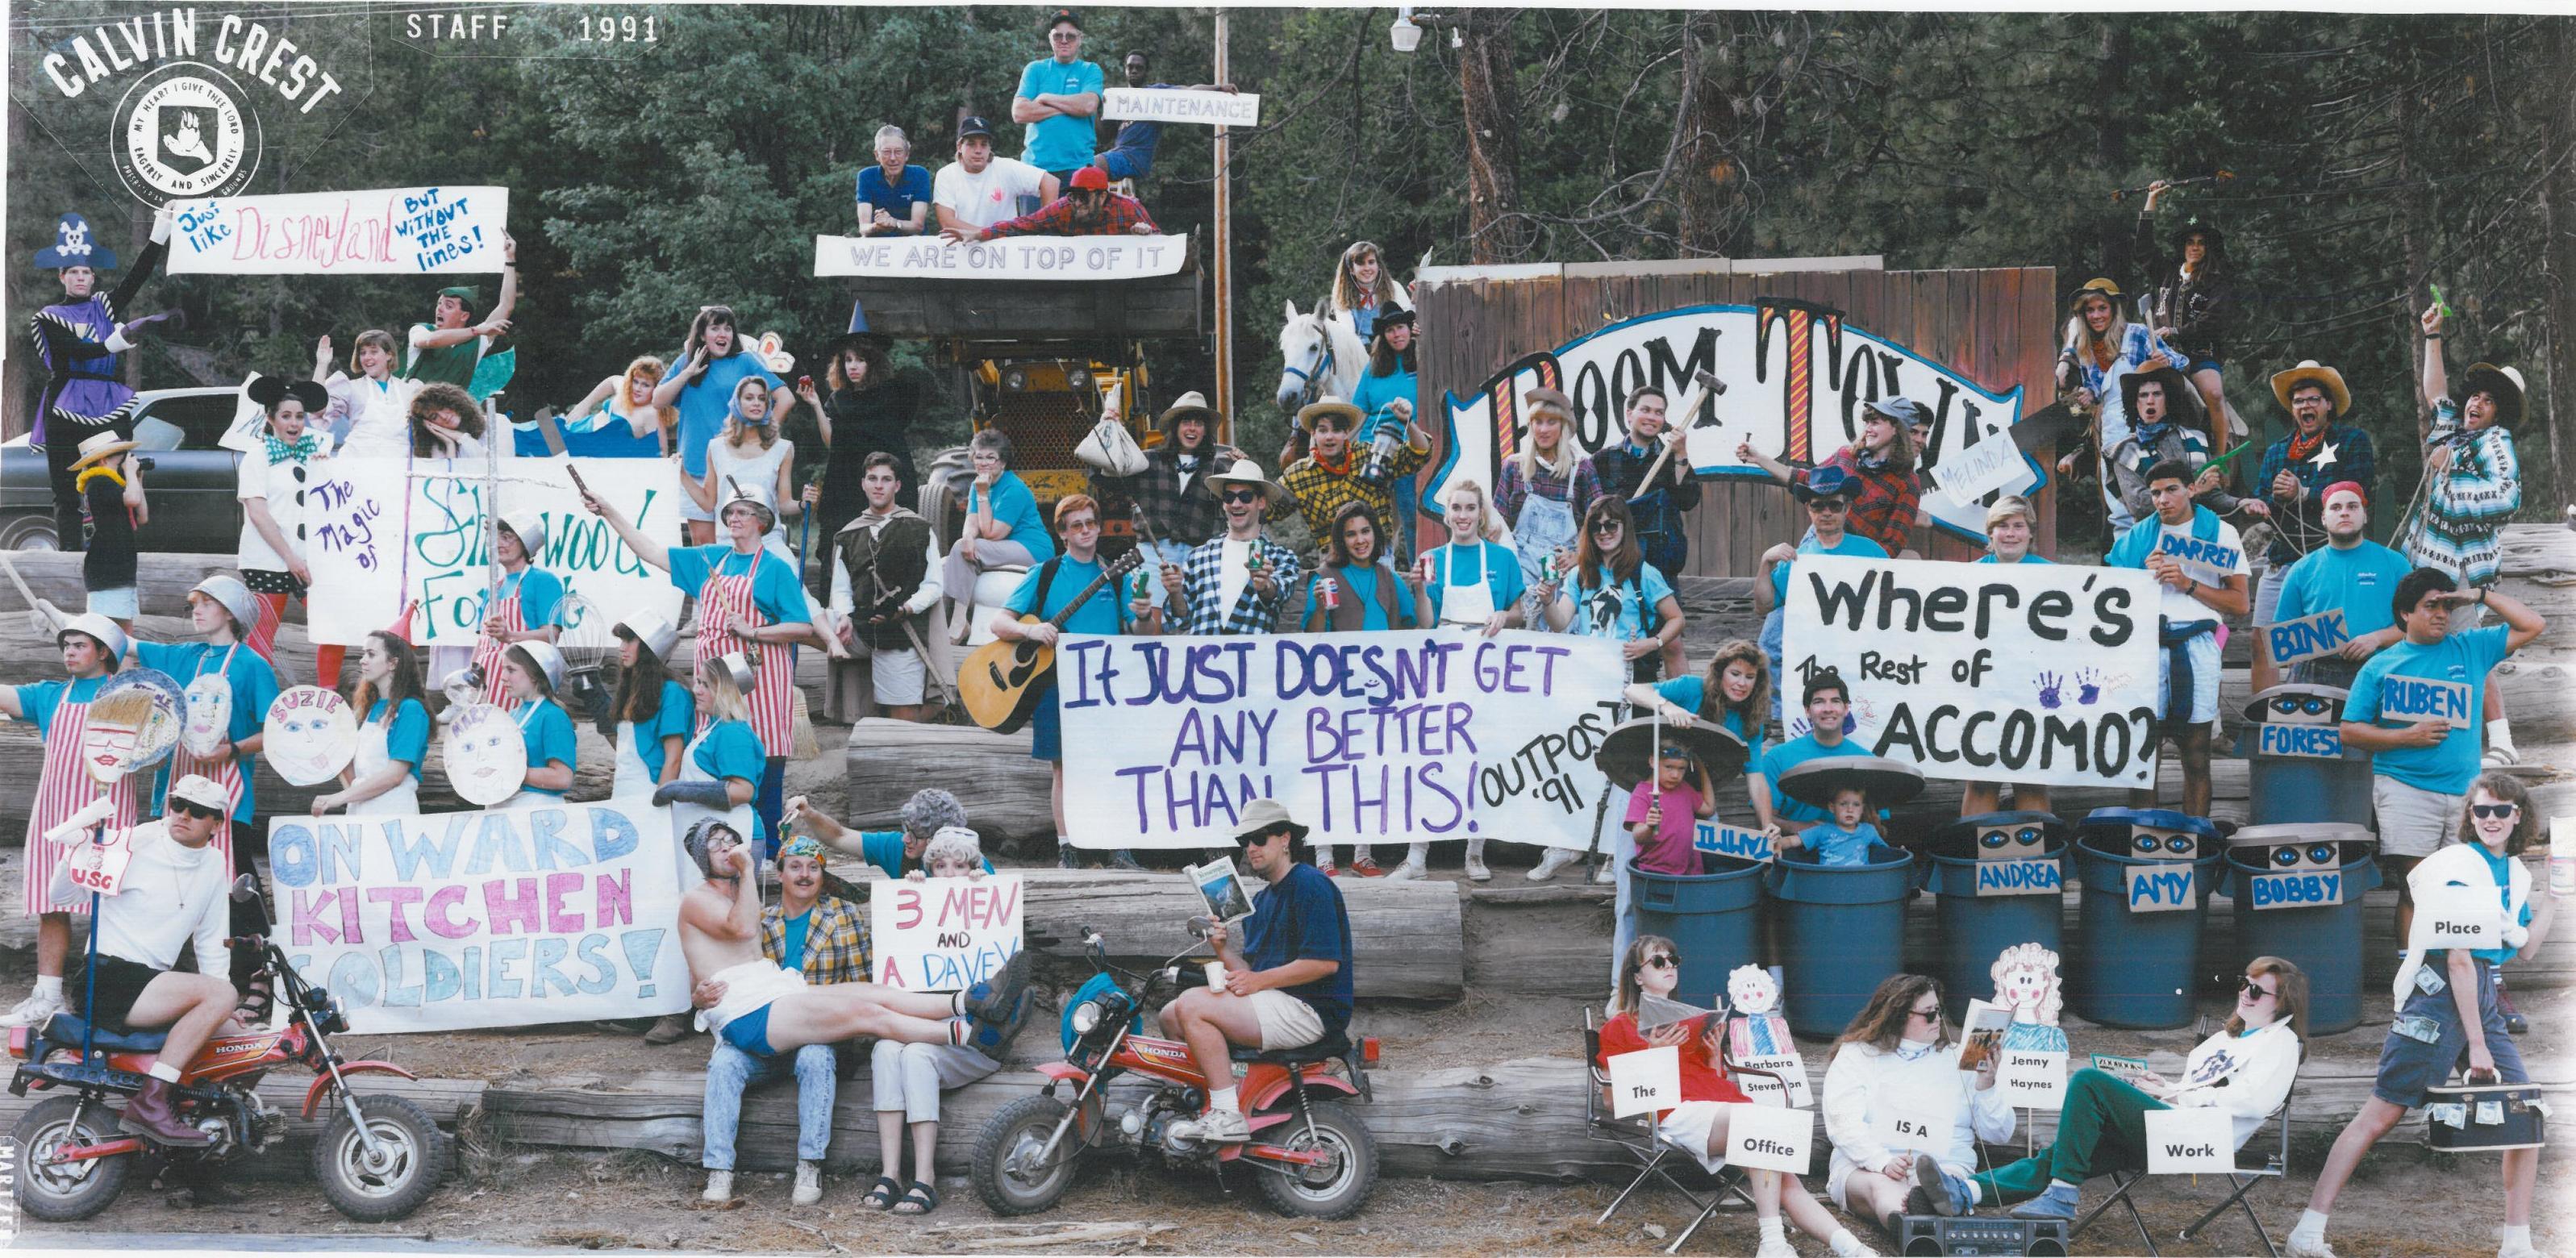 1991-Staff-fun